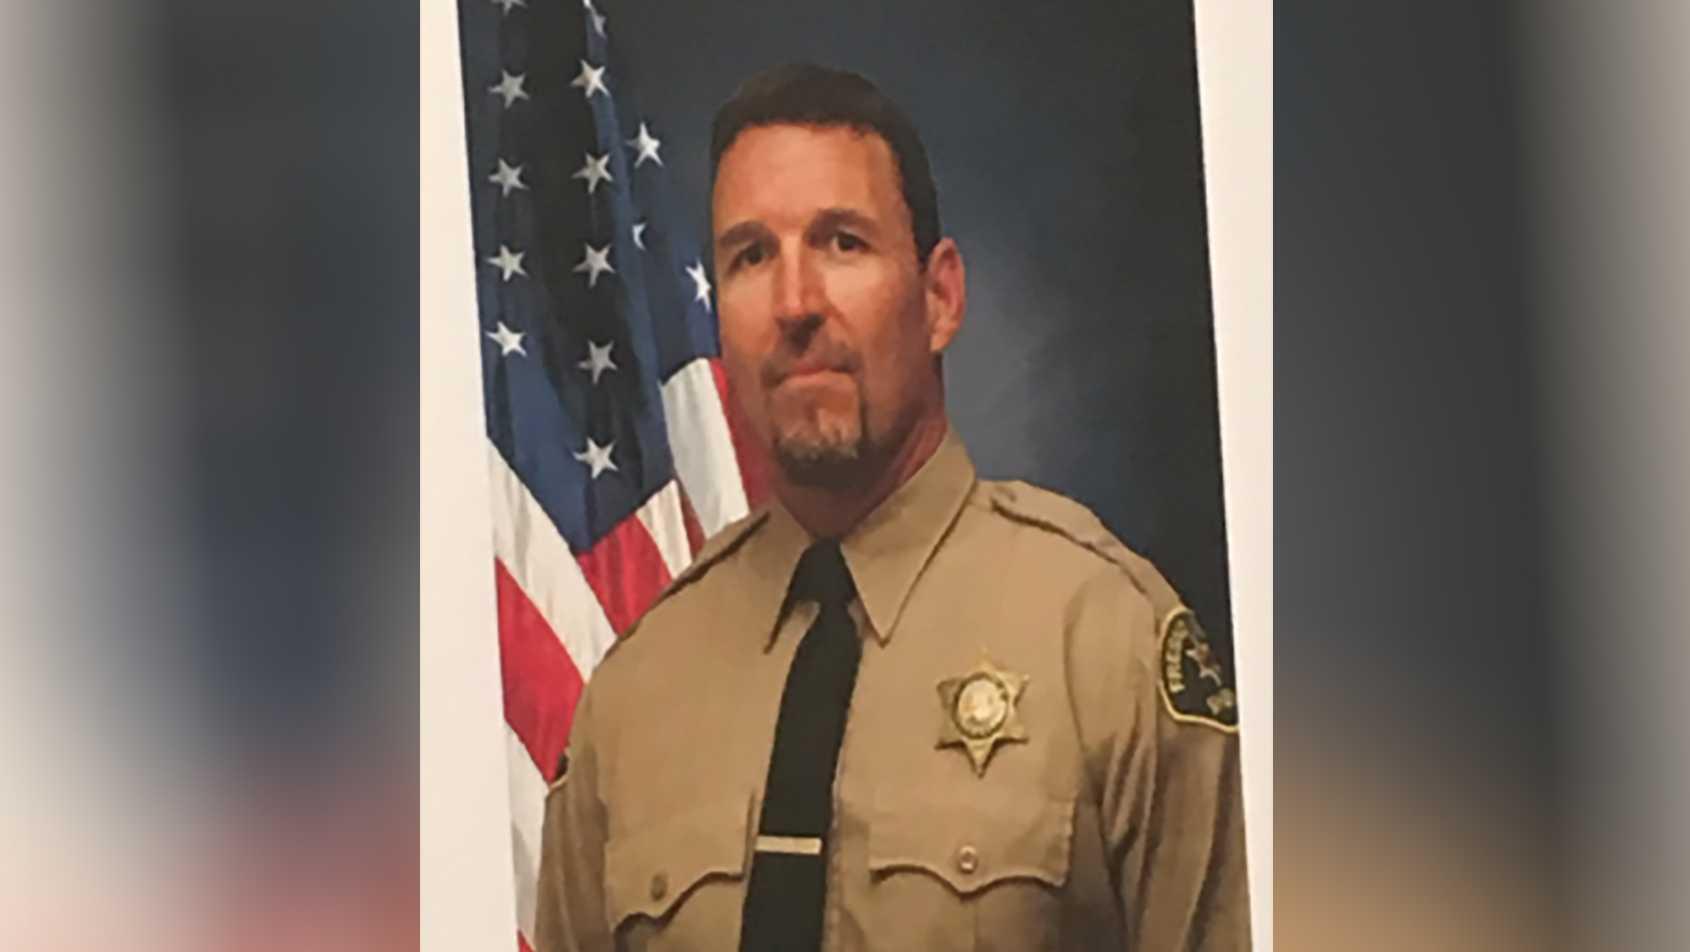 Deputy Rod Lucas, 46